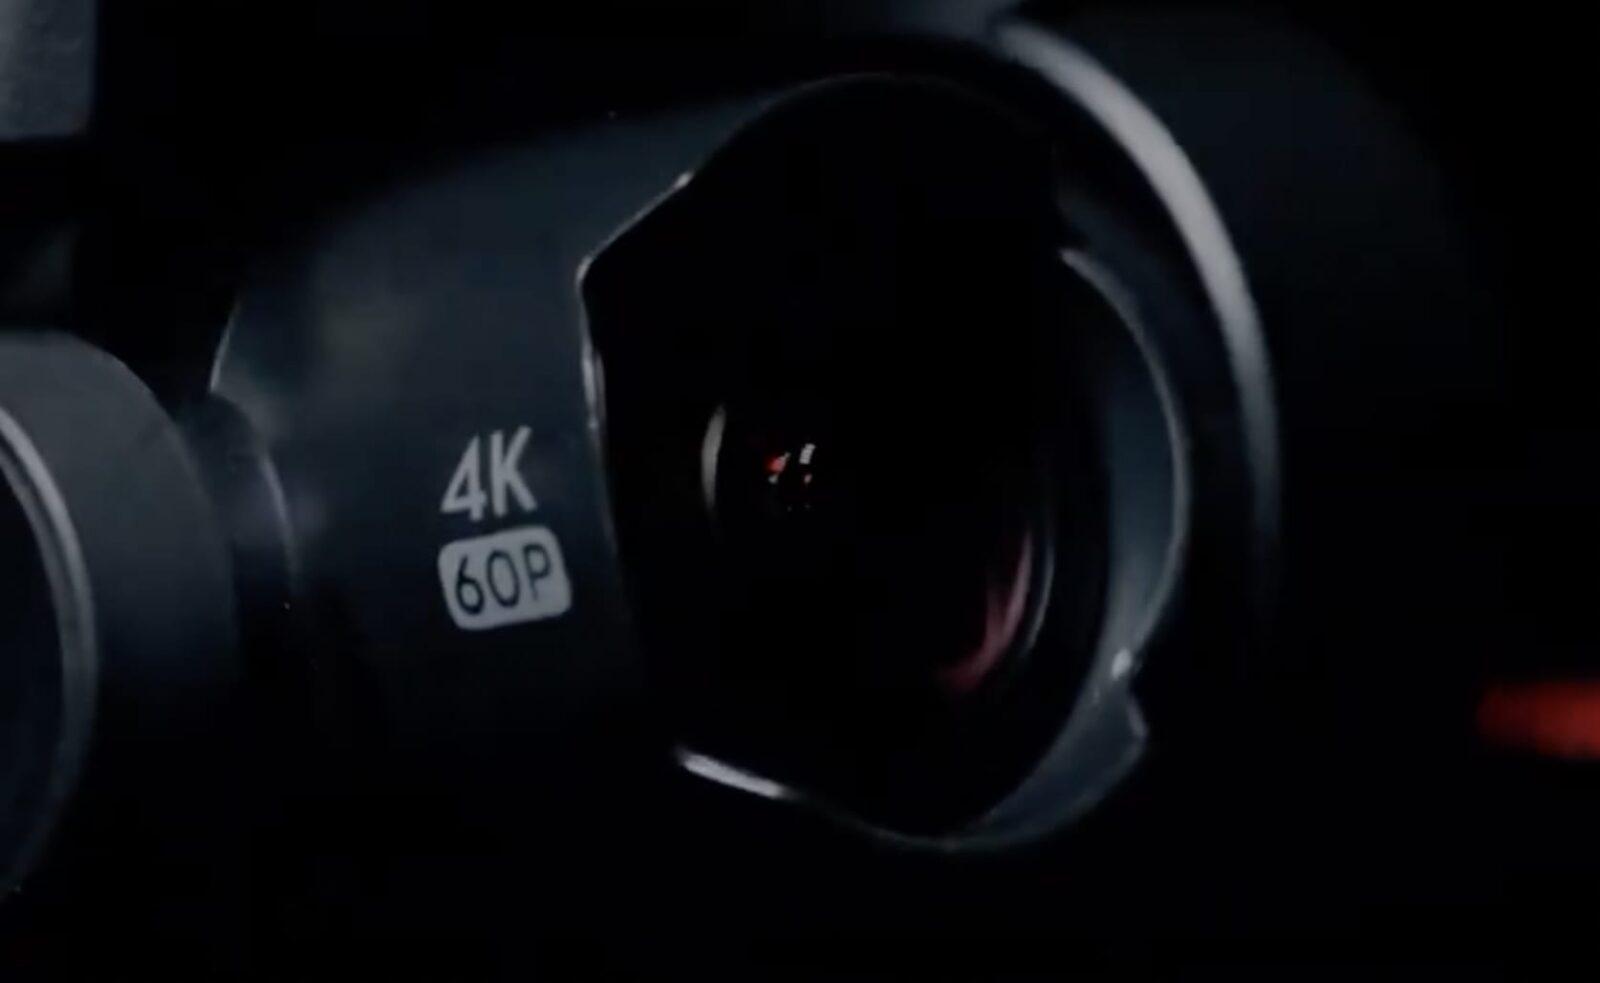 Дрон DJI FPV: видео 4K со скоростью 60 кадров в секунду, 120 Мбит / с и D-Cinelike!